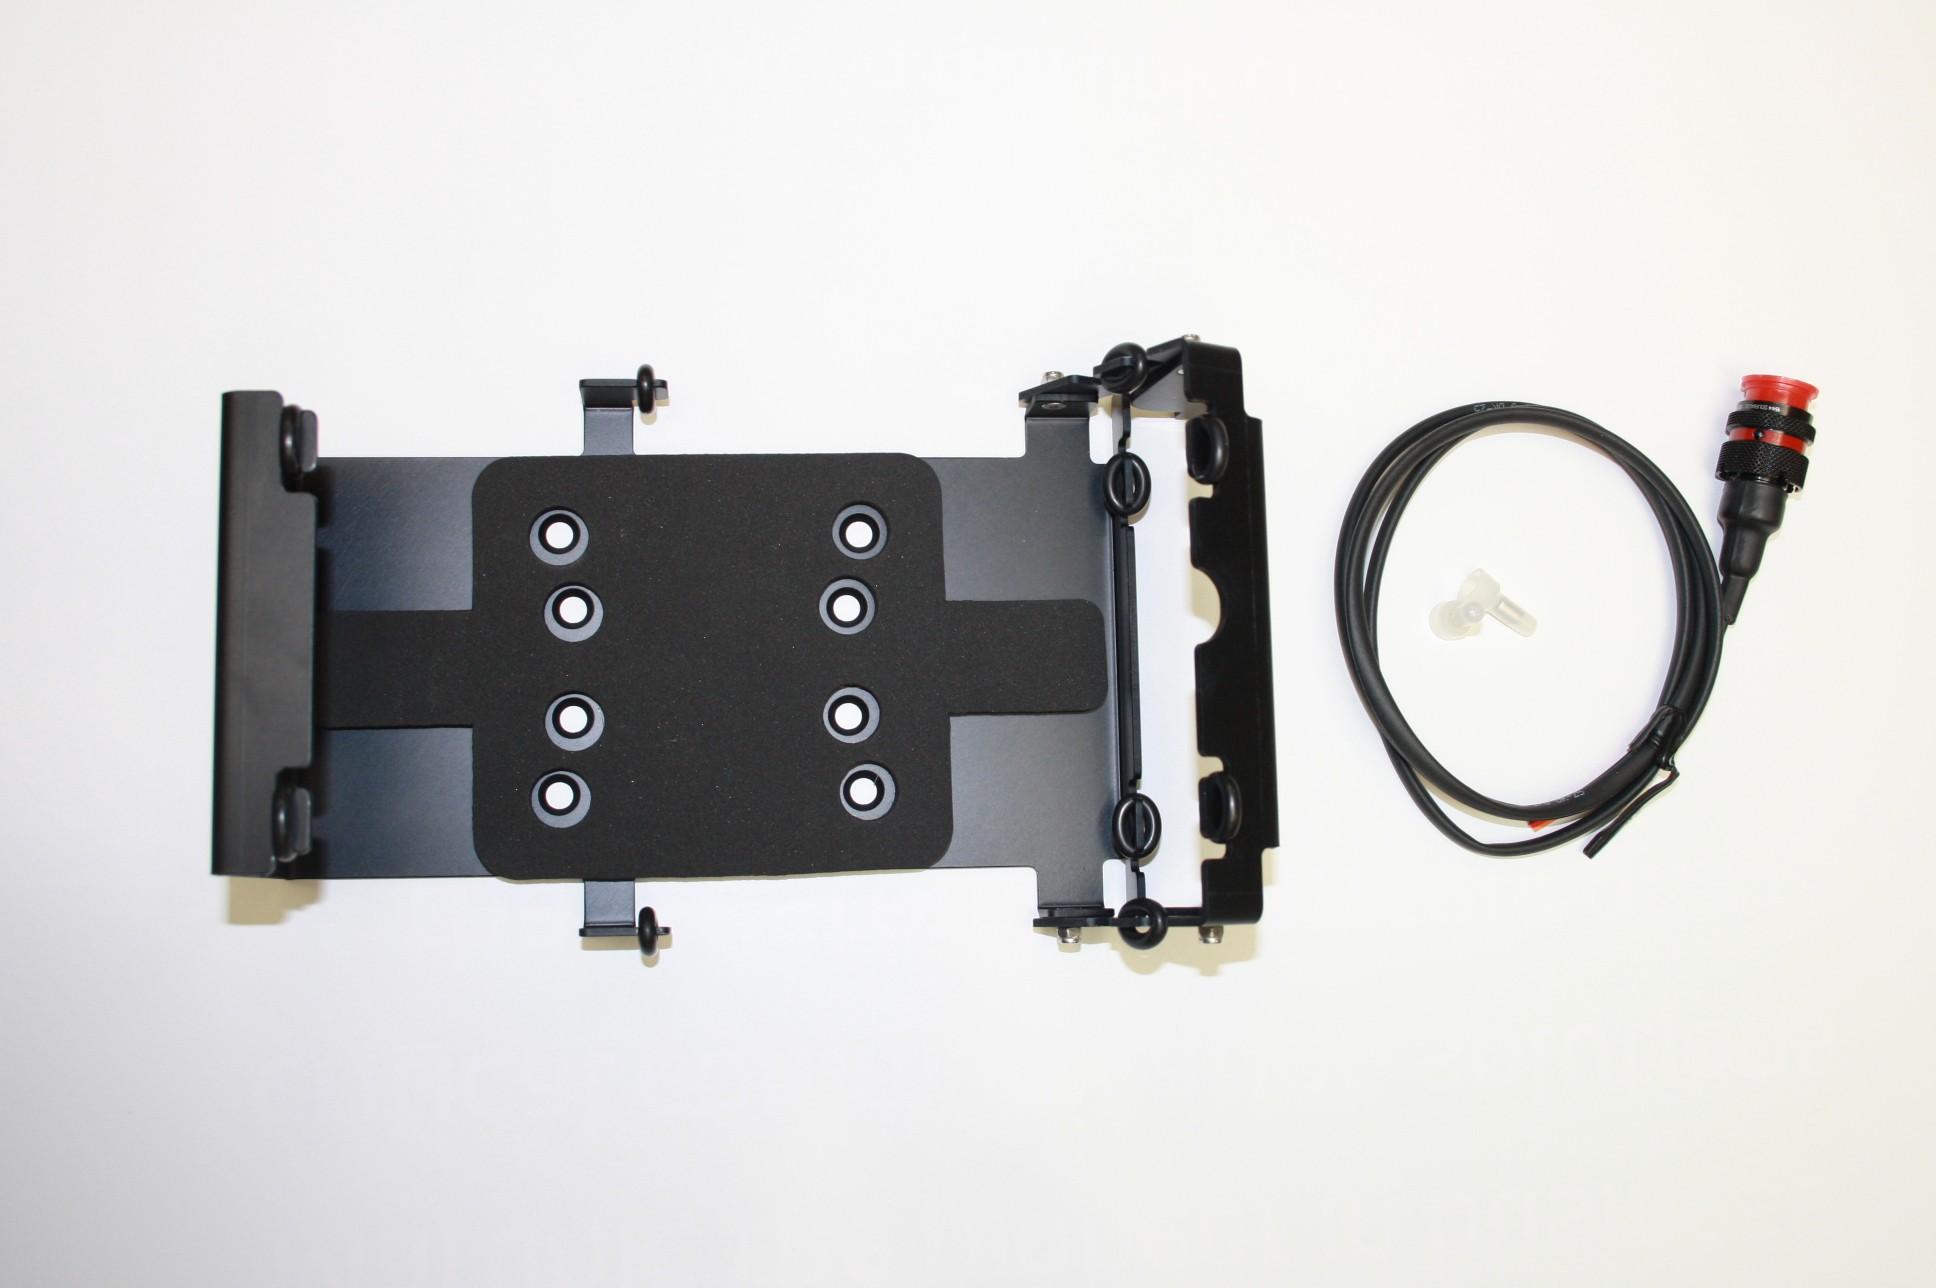 Kit Upgrade New IRITRACK